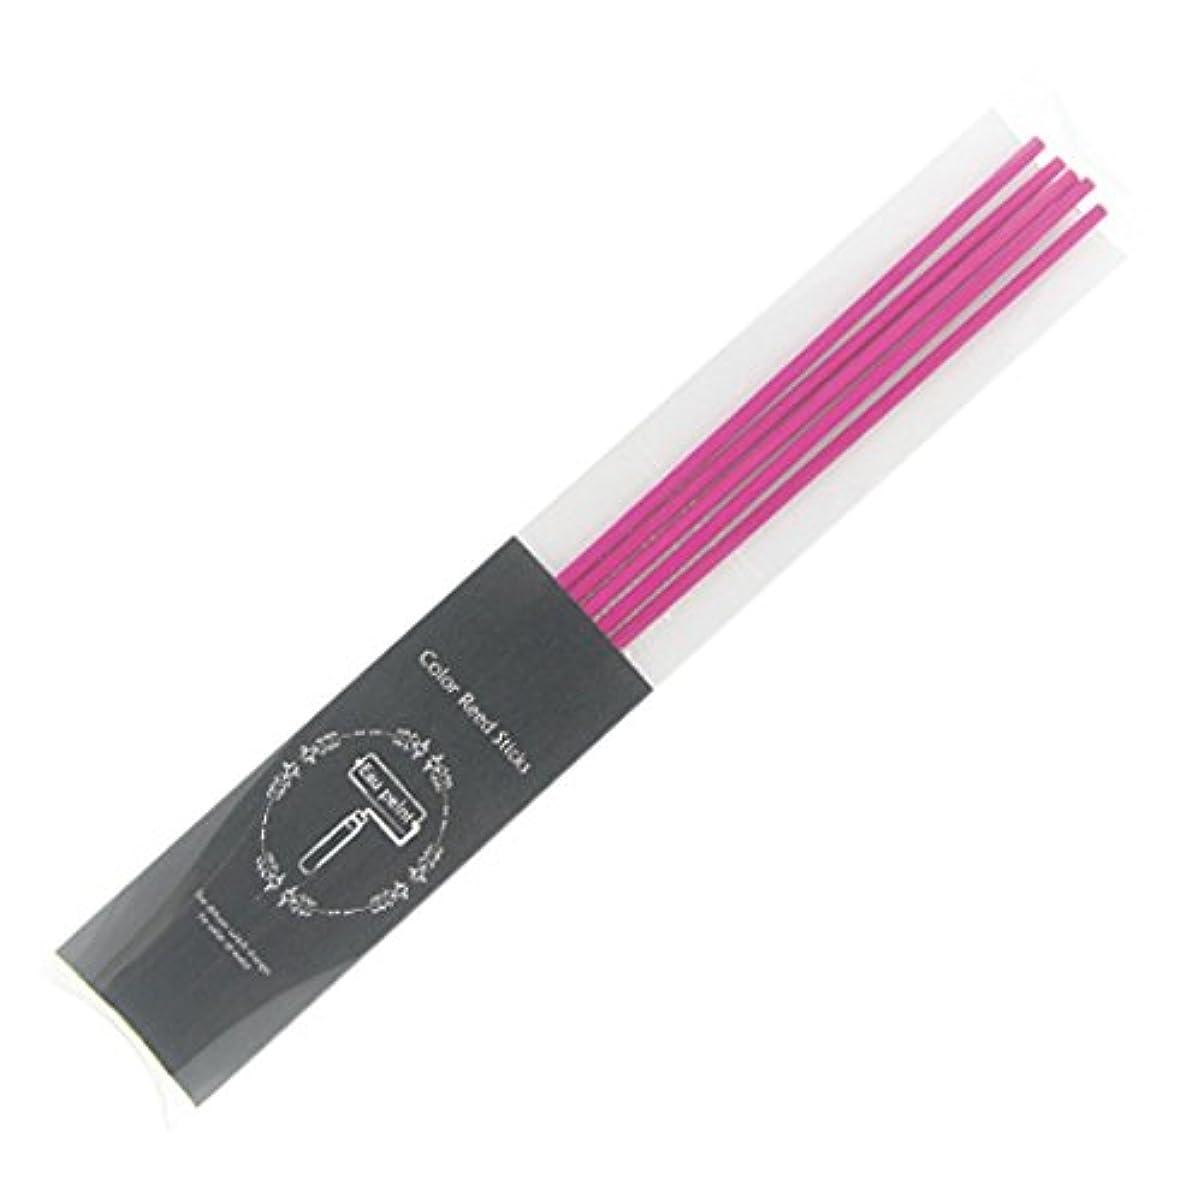 優しさ疲れた極地Eau peint mais+ カラースティック リードディフューザー用スティック 5本入 ピンク Pink オーペイント マイス